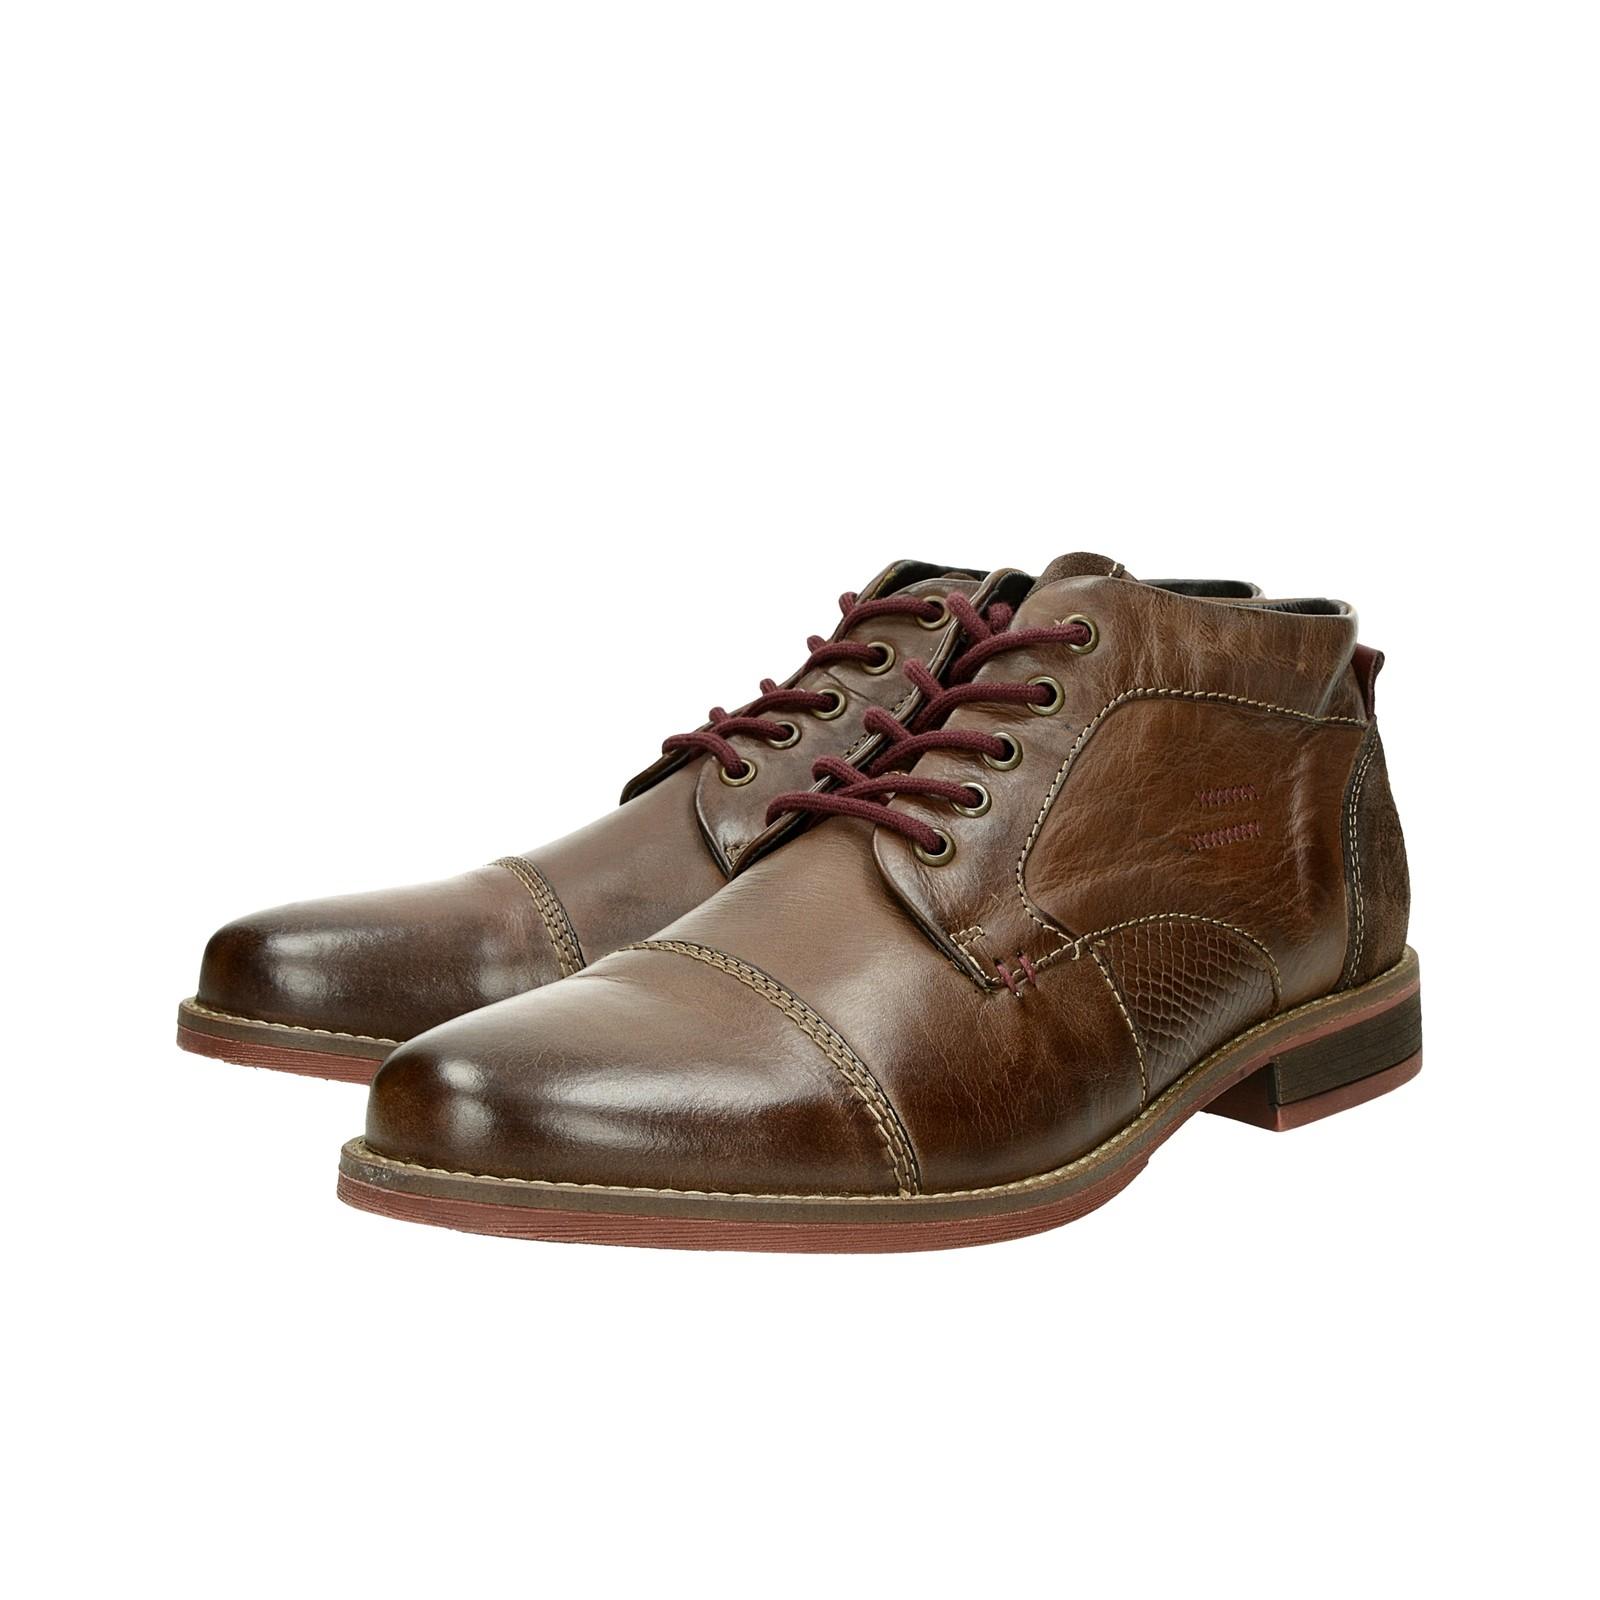 c4cb7ba38 Klondike pánska kožená členková obuv - hnedá | MH285H09-303 www.robel.sk